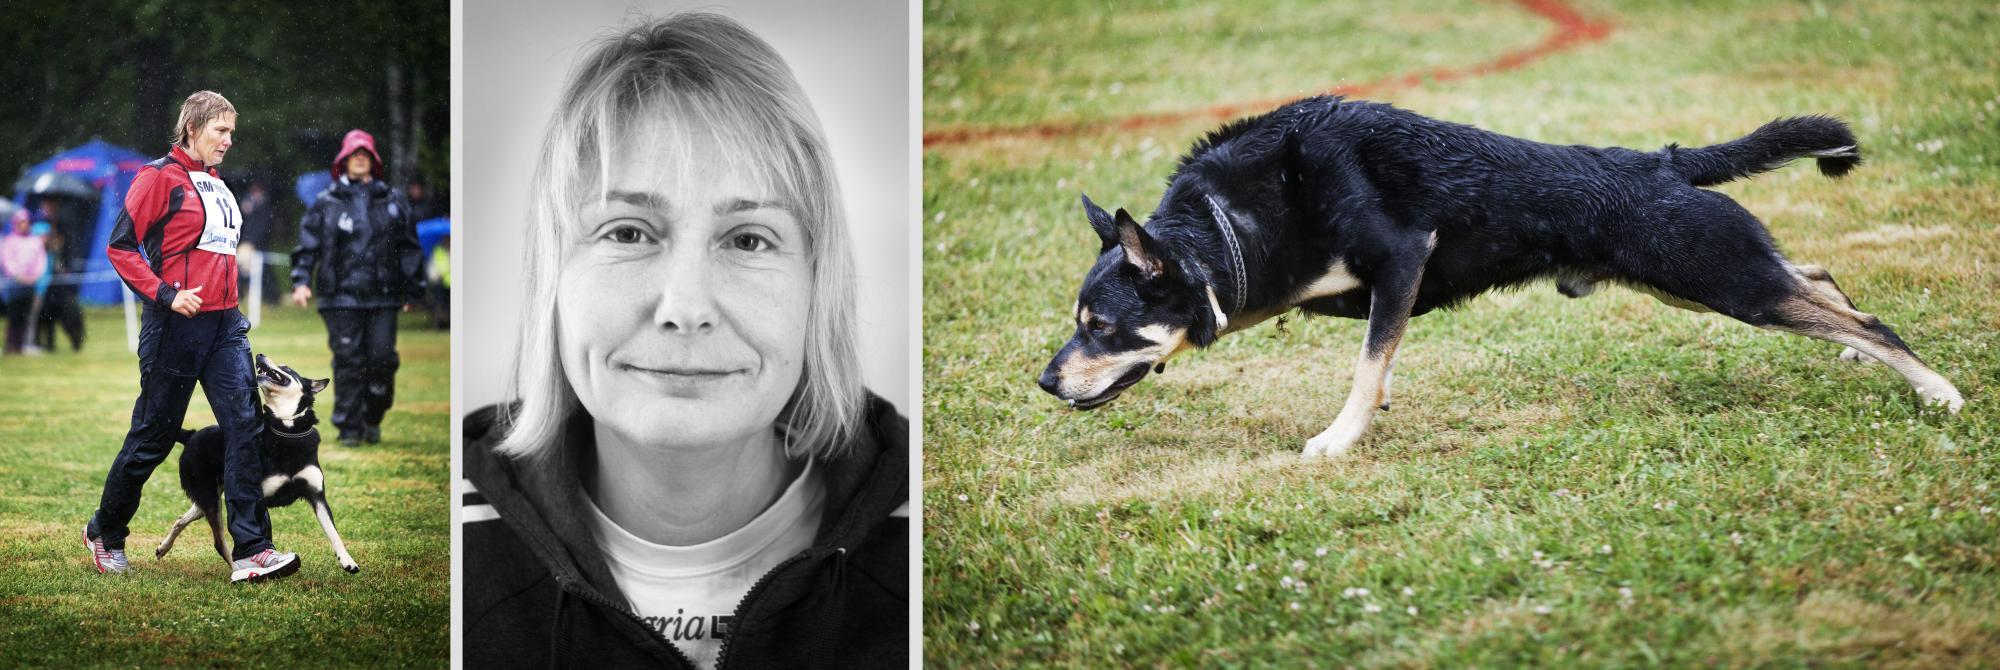 Maria Brandel har vunnit SM i lydnad tre år i rad, ingår i lydnadslandslaget och jobbar som hundinstruktör. Maria har även deltagit på Bruks SM och vunnit VM i räddning. Den som vill läsa mer om Maria kan klicka på bilden.